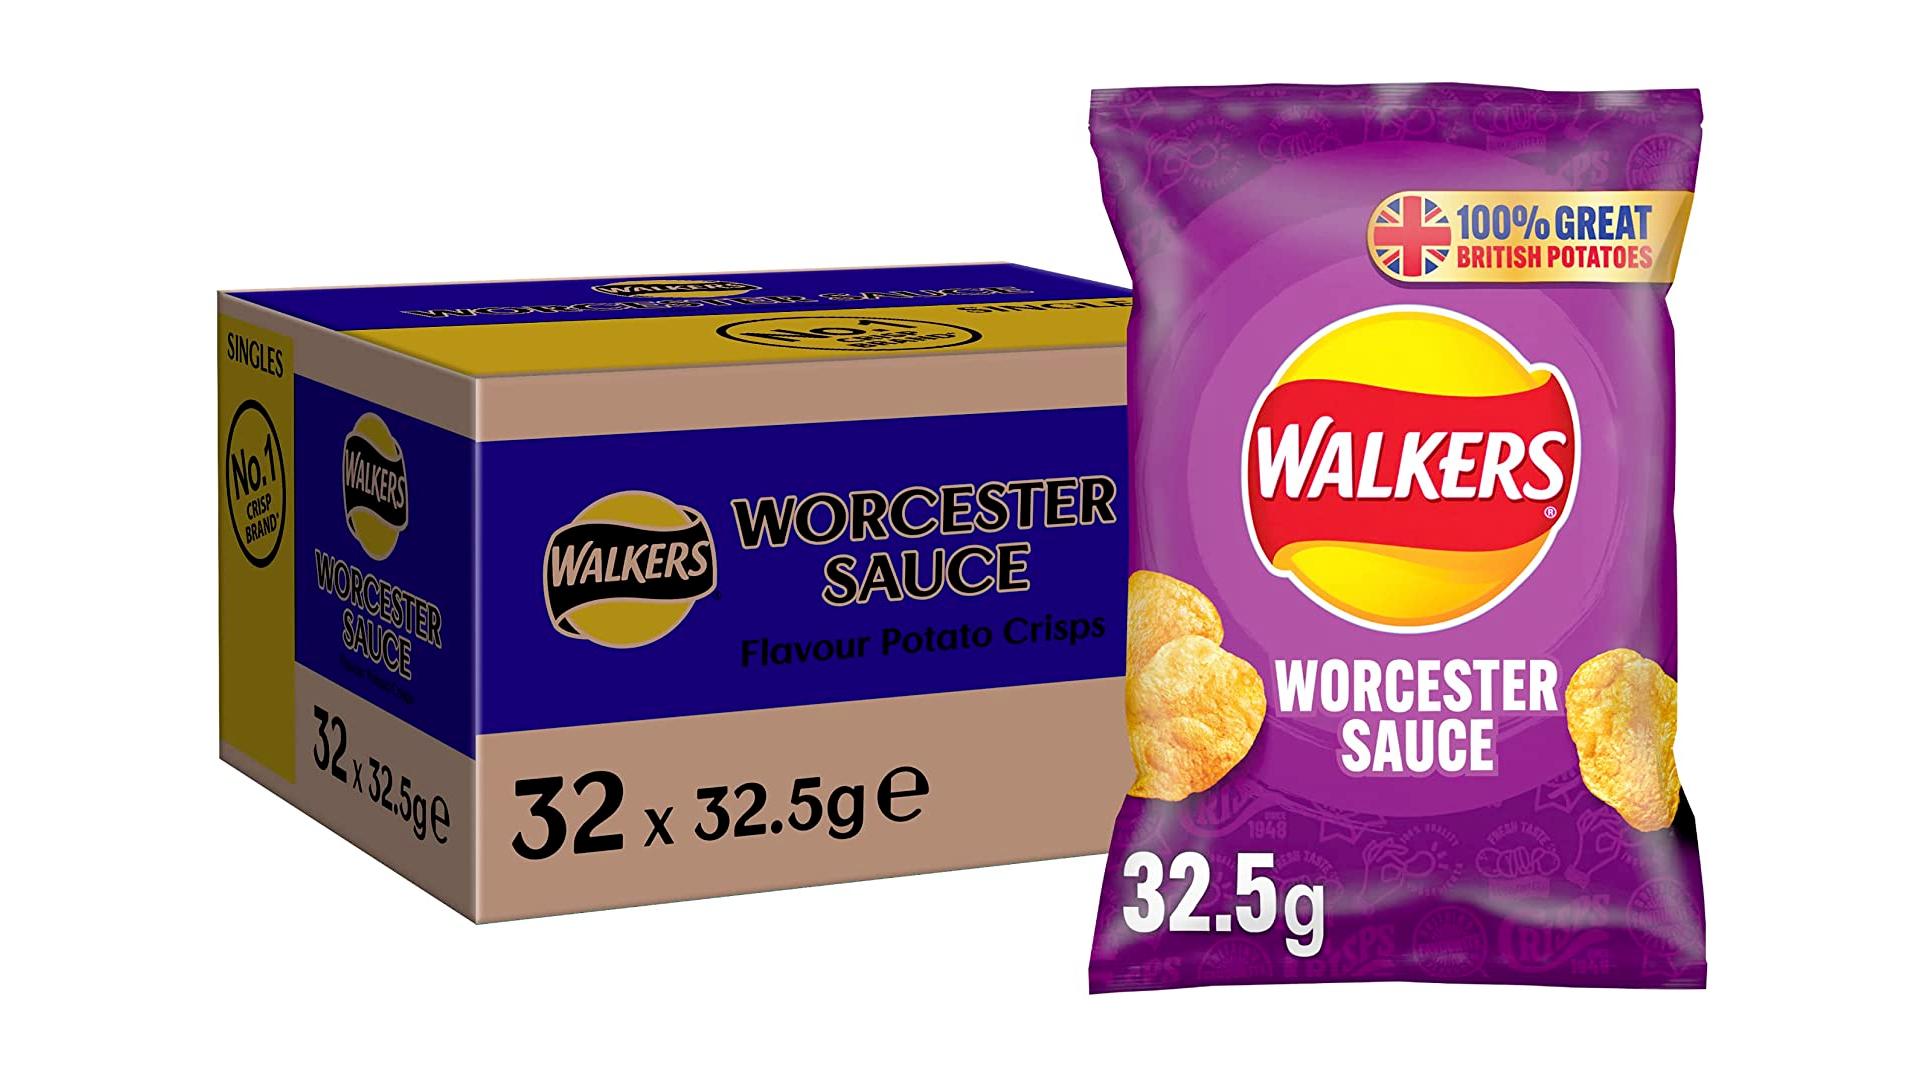 Walkers sauce Worcestercrisps